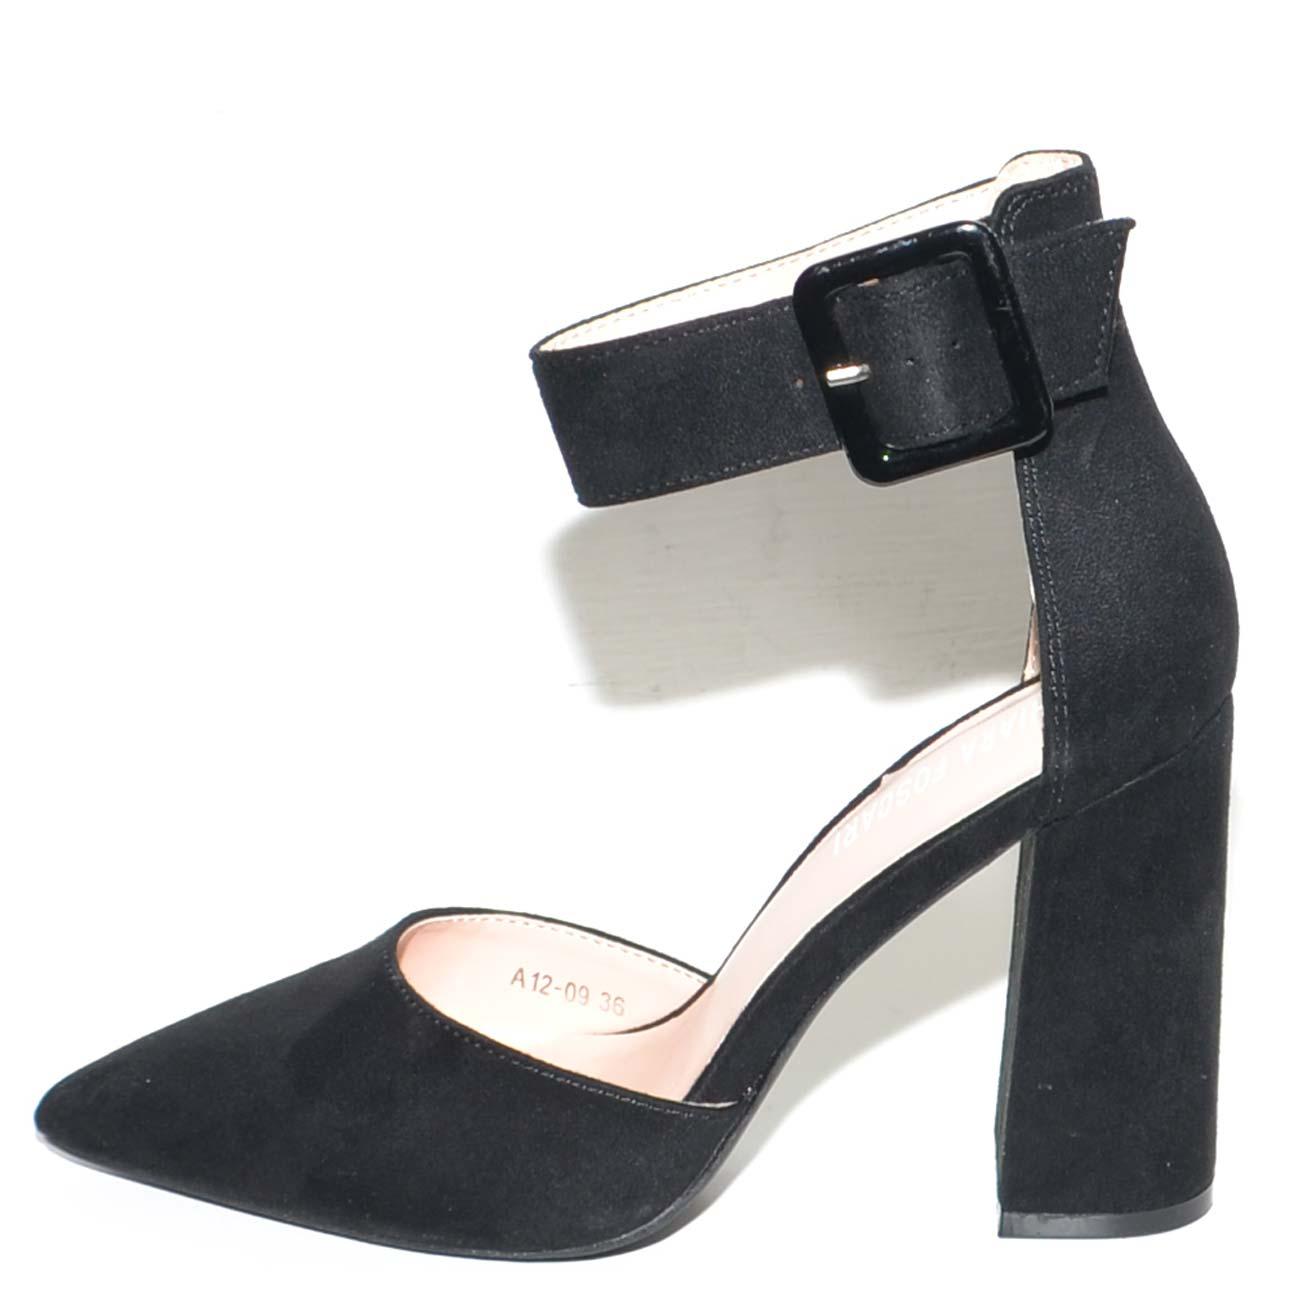 62b4140e1a Decollete donna nero in camoscio a punta con tacco largo 10 cm e cinturone  alla caviglia linea basic glamour donna dcollet Malu shoes | MaluShoes